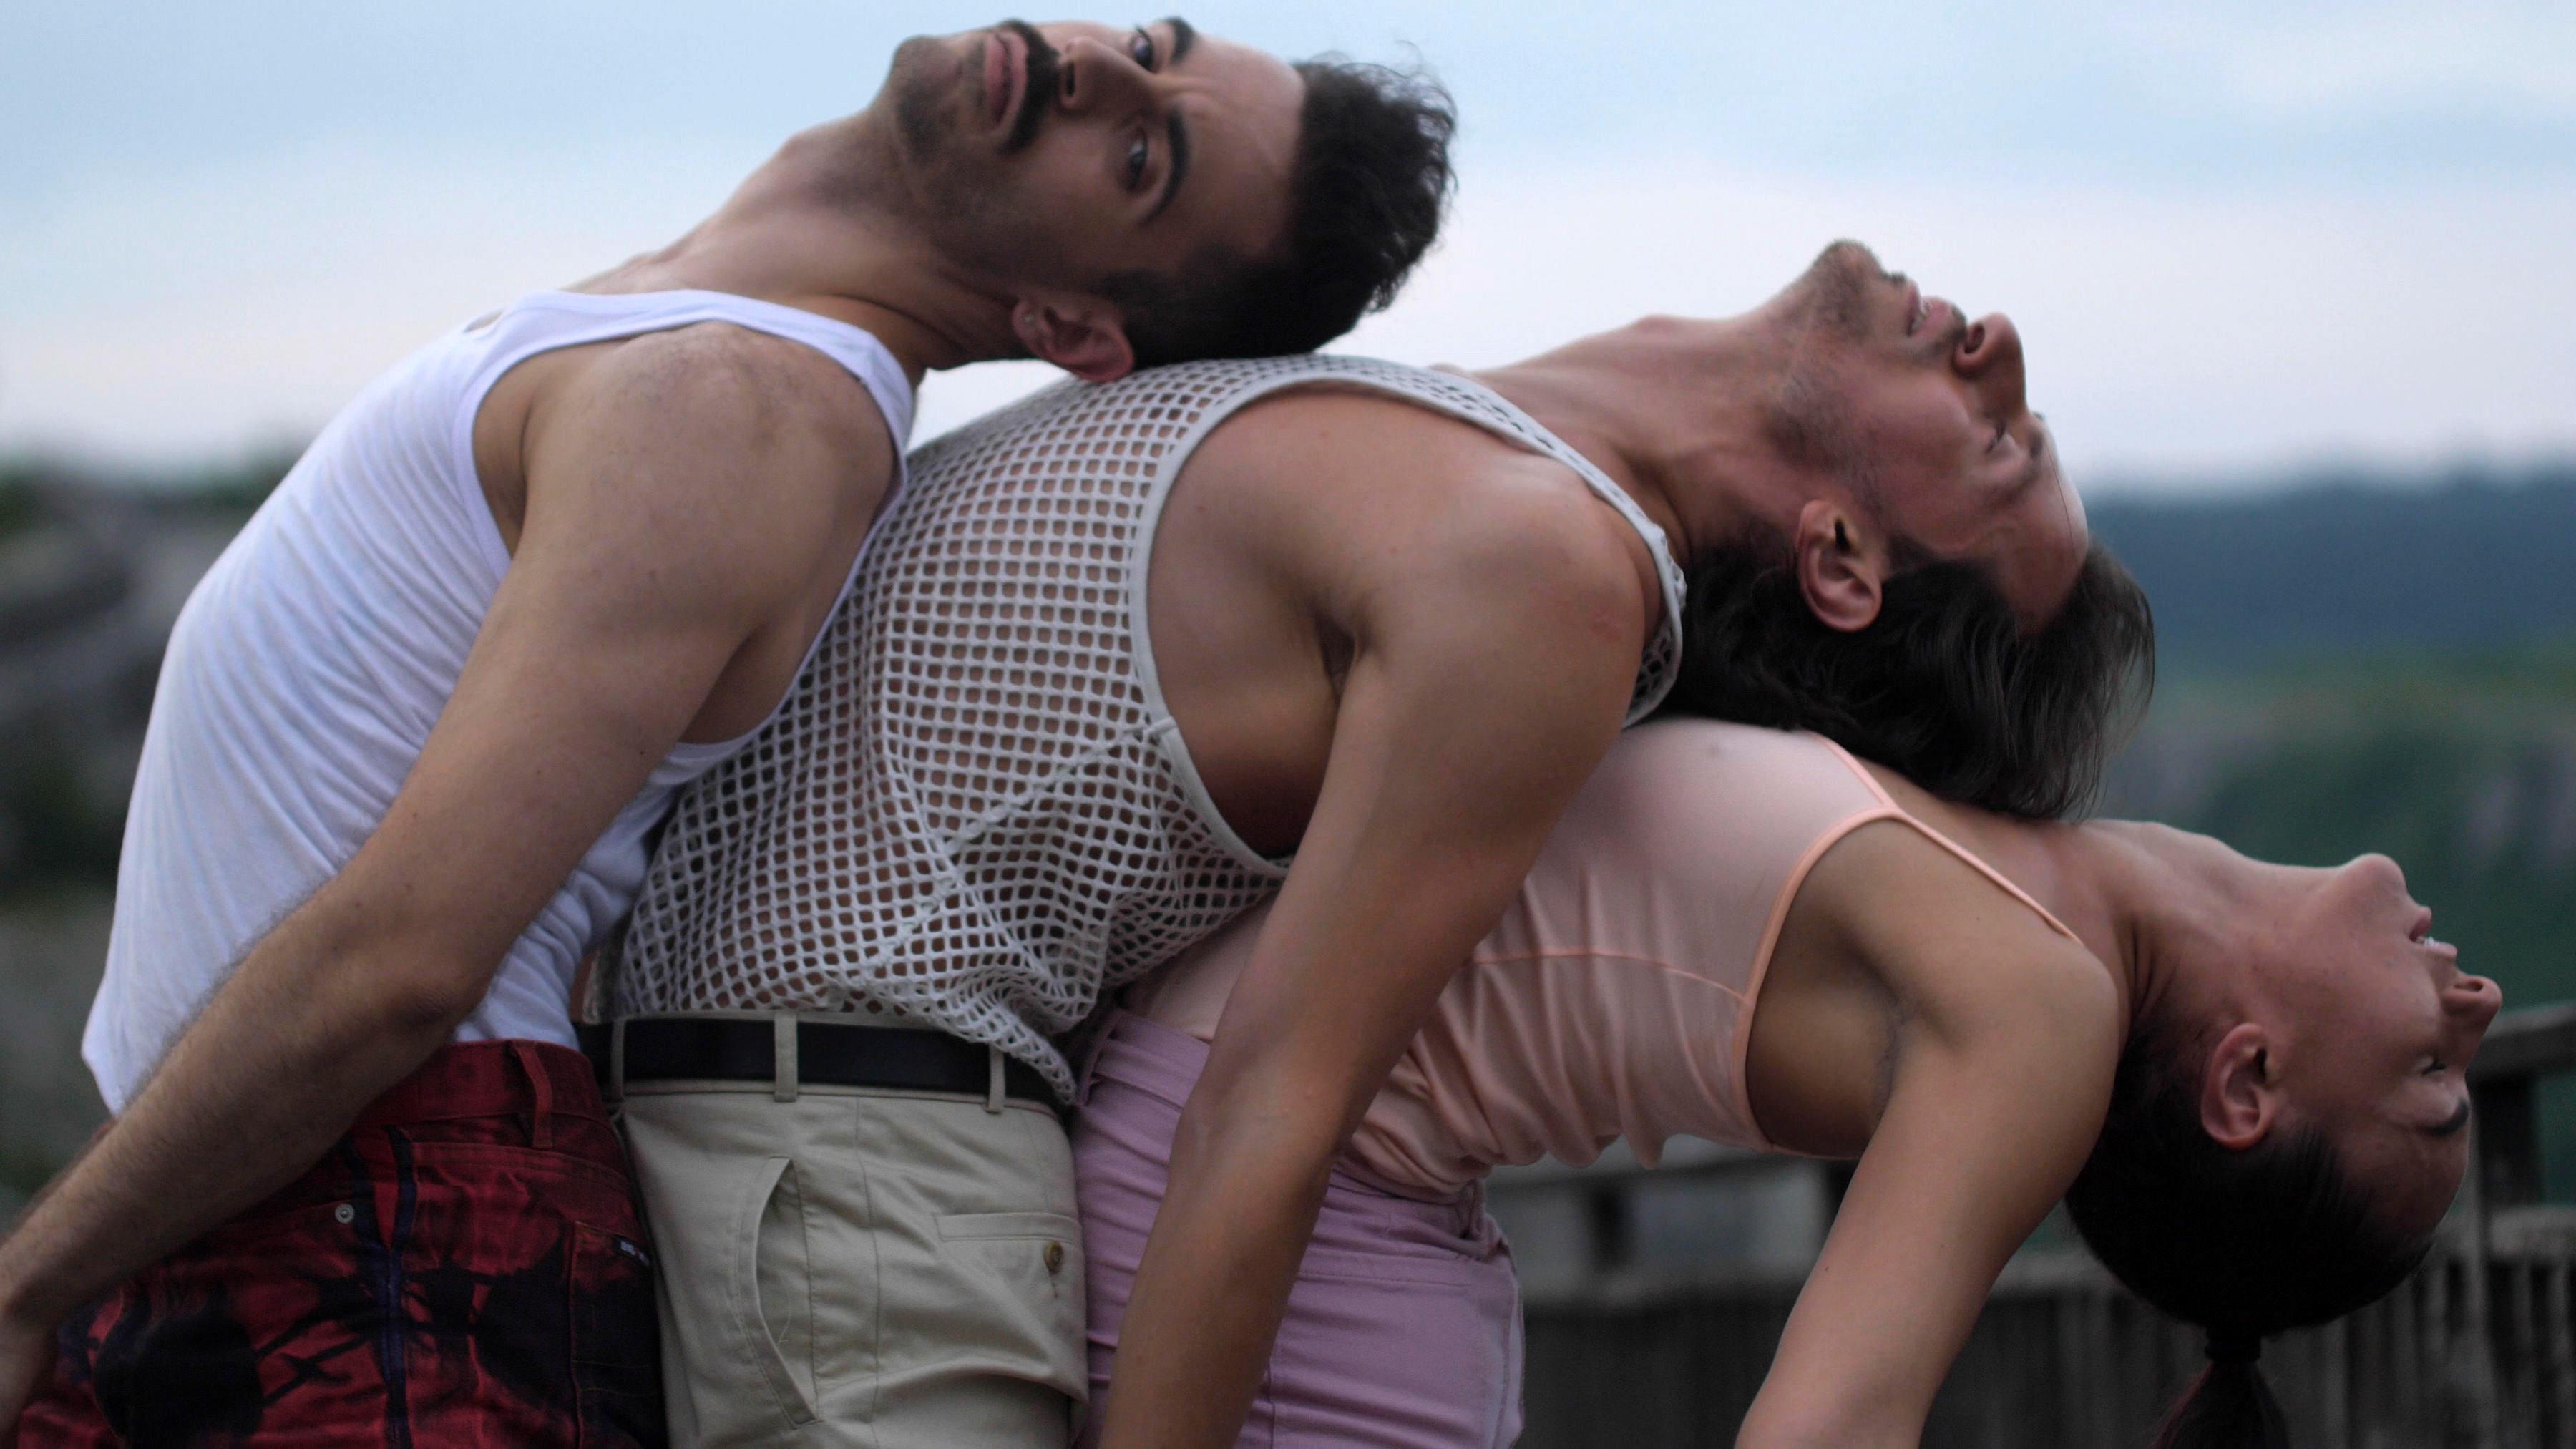 <p>&bdquo;Ако след филма хората излязат, и им се прииска да танцуват, значи сме изпълнили целта си&ldquo;, казват създателите Стефани и Коста.</p>